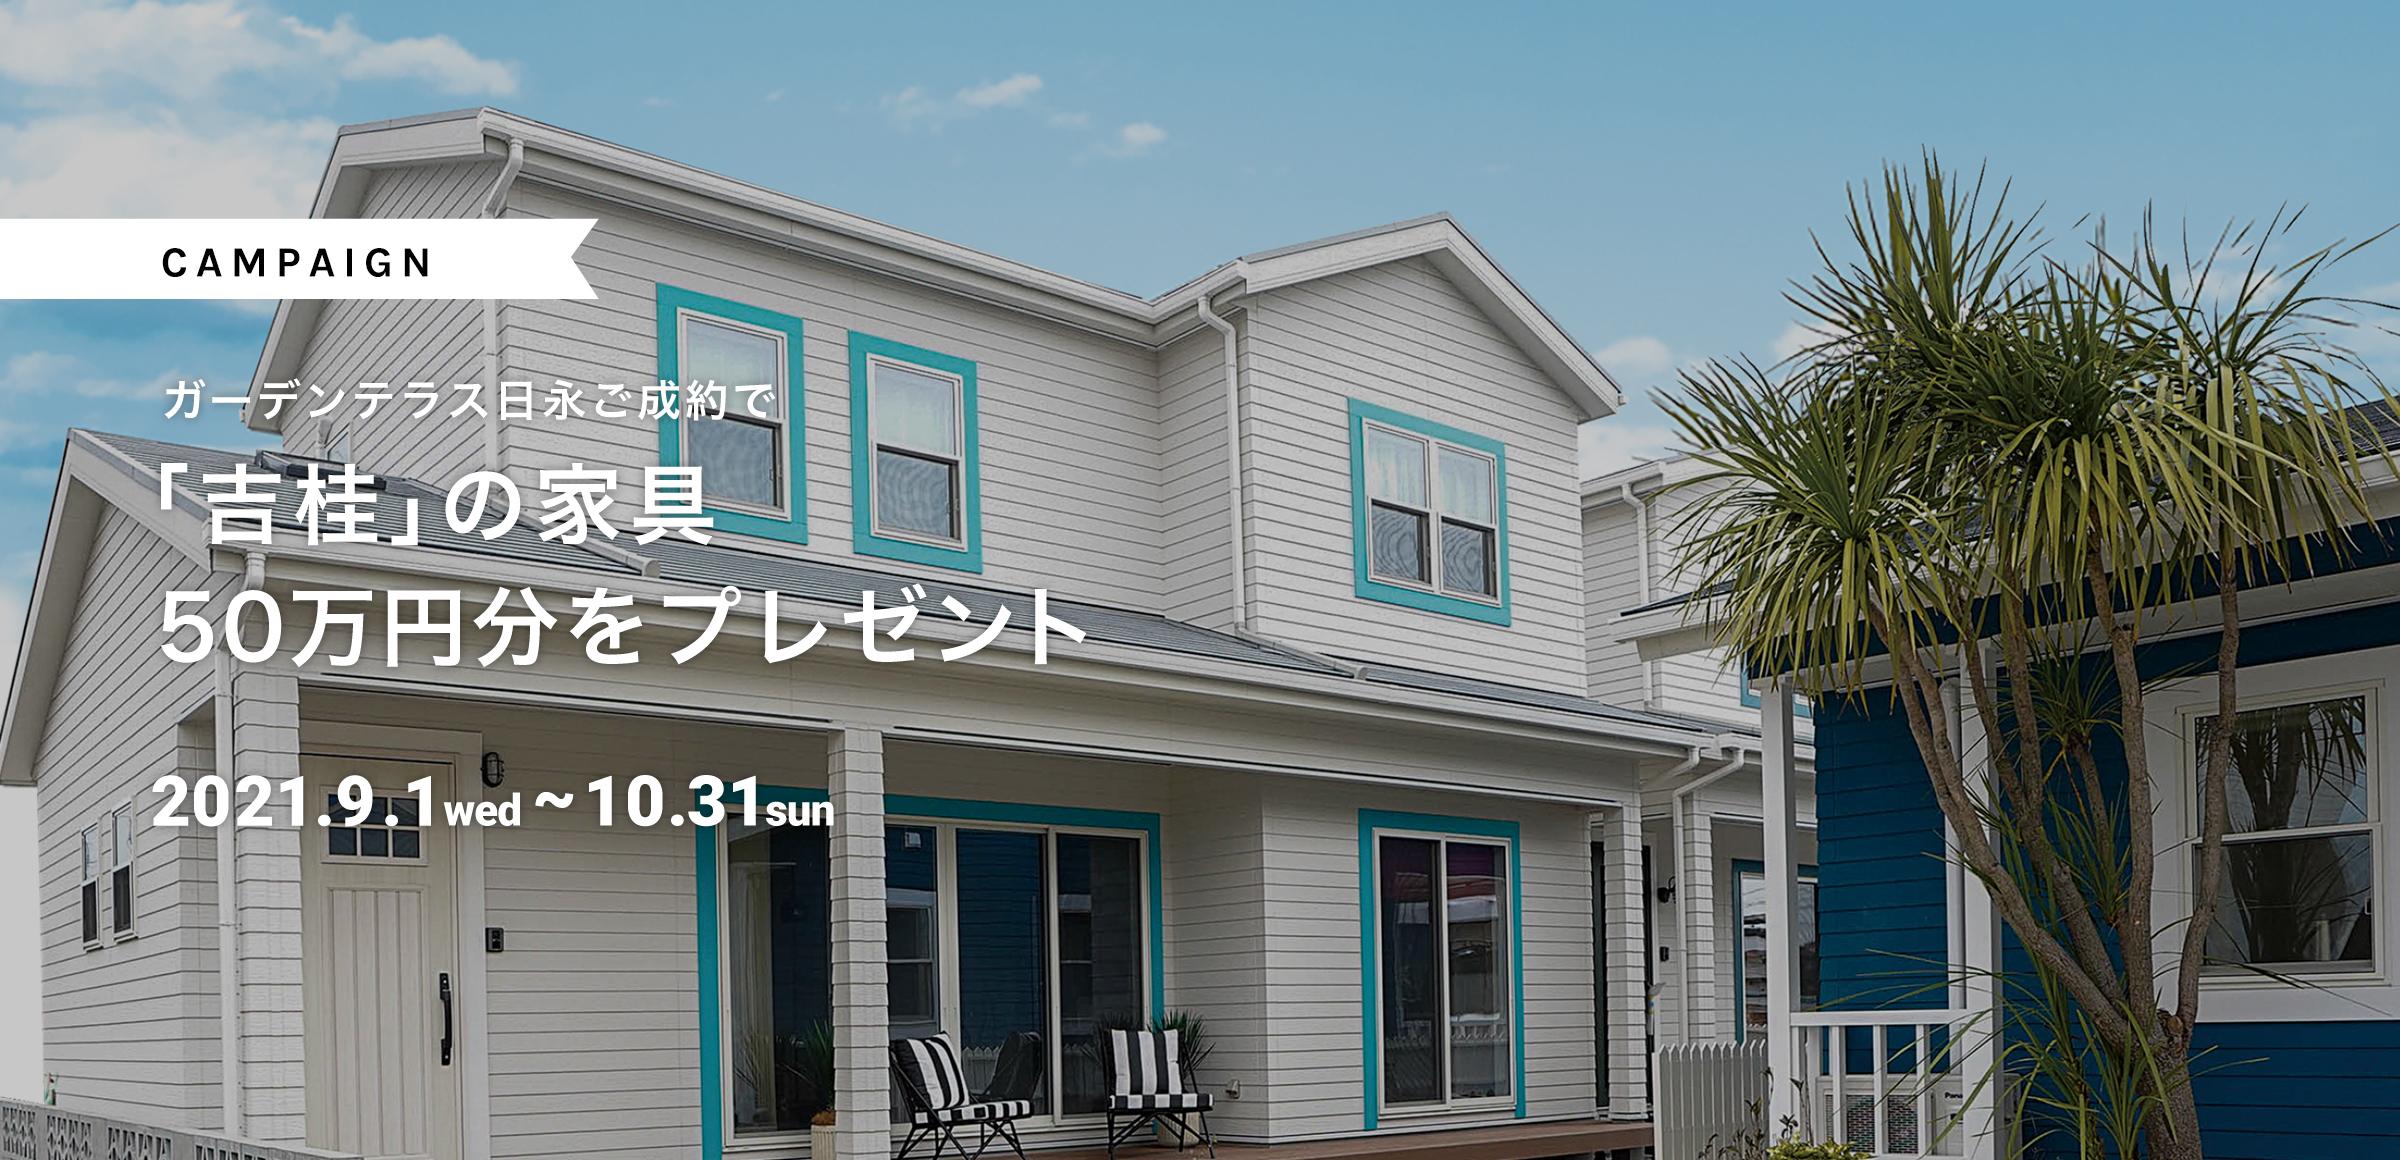 建売住宅ご成約で「吉桂」の家具を約50万円分の選べるプレゼント